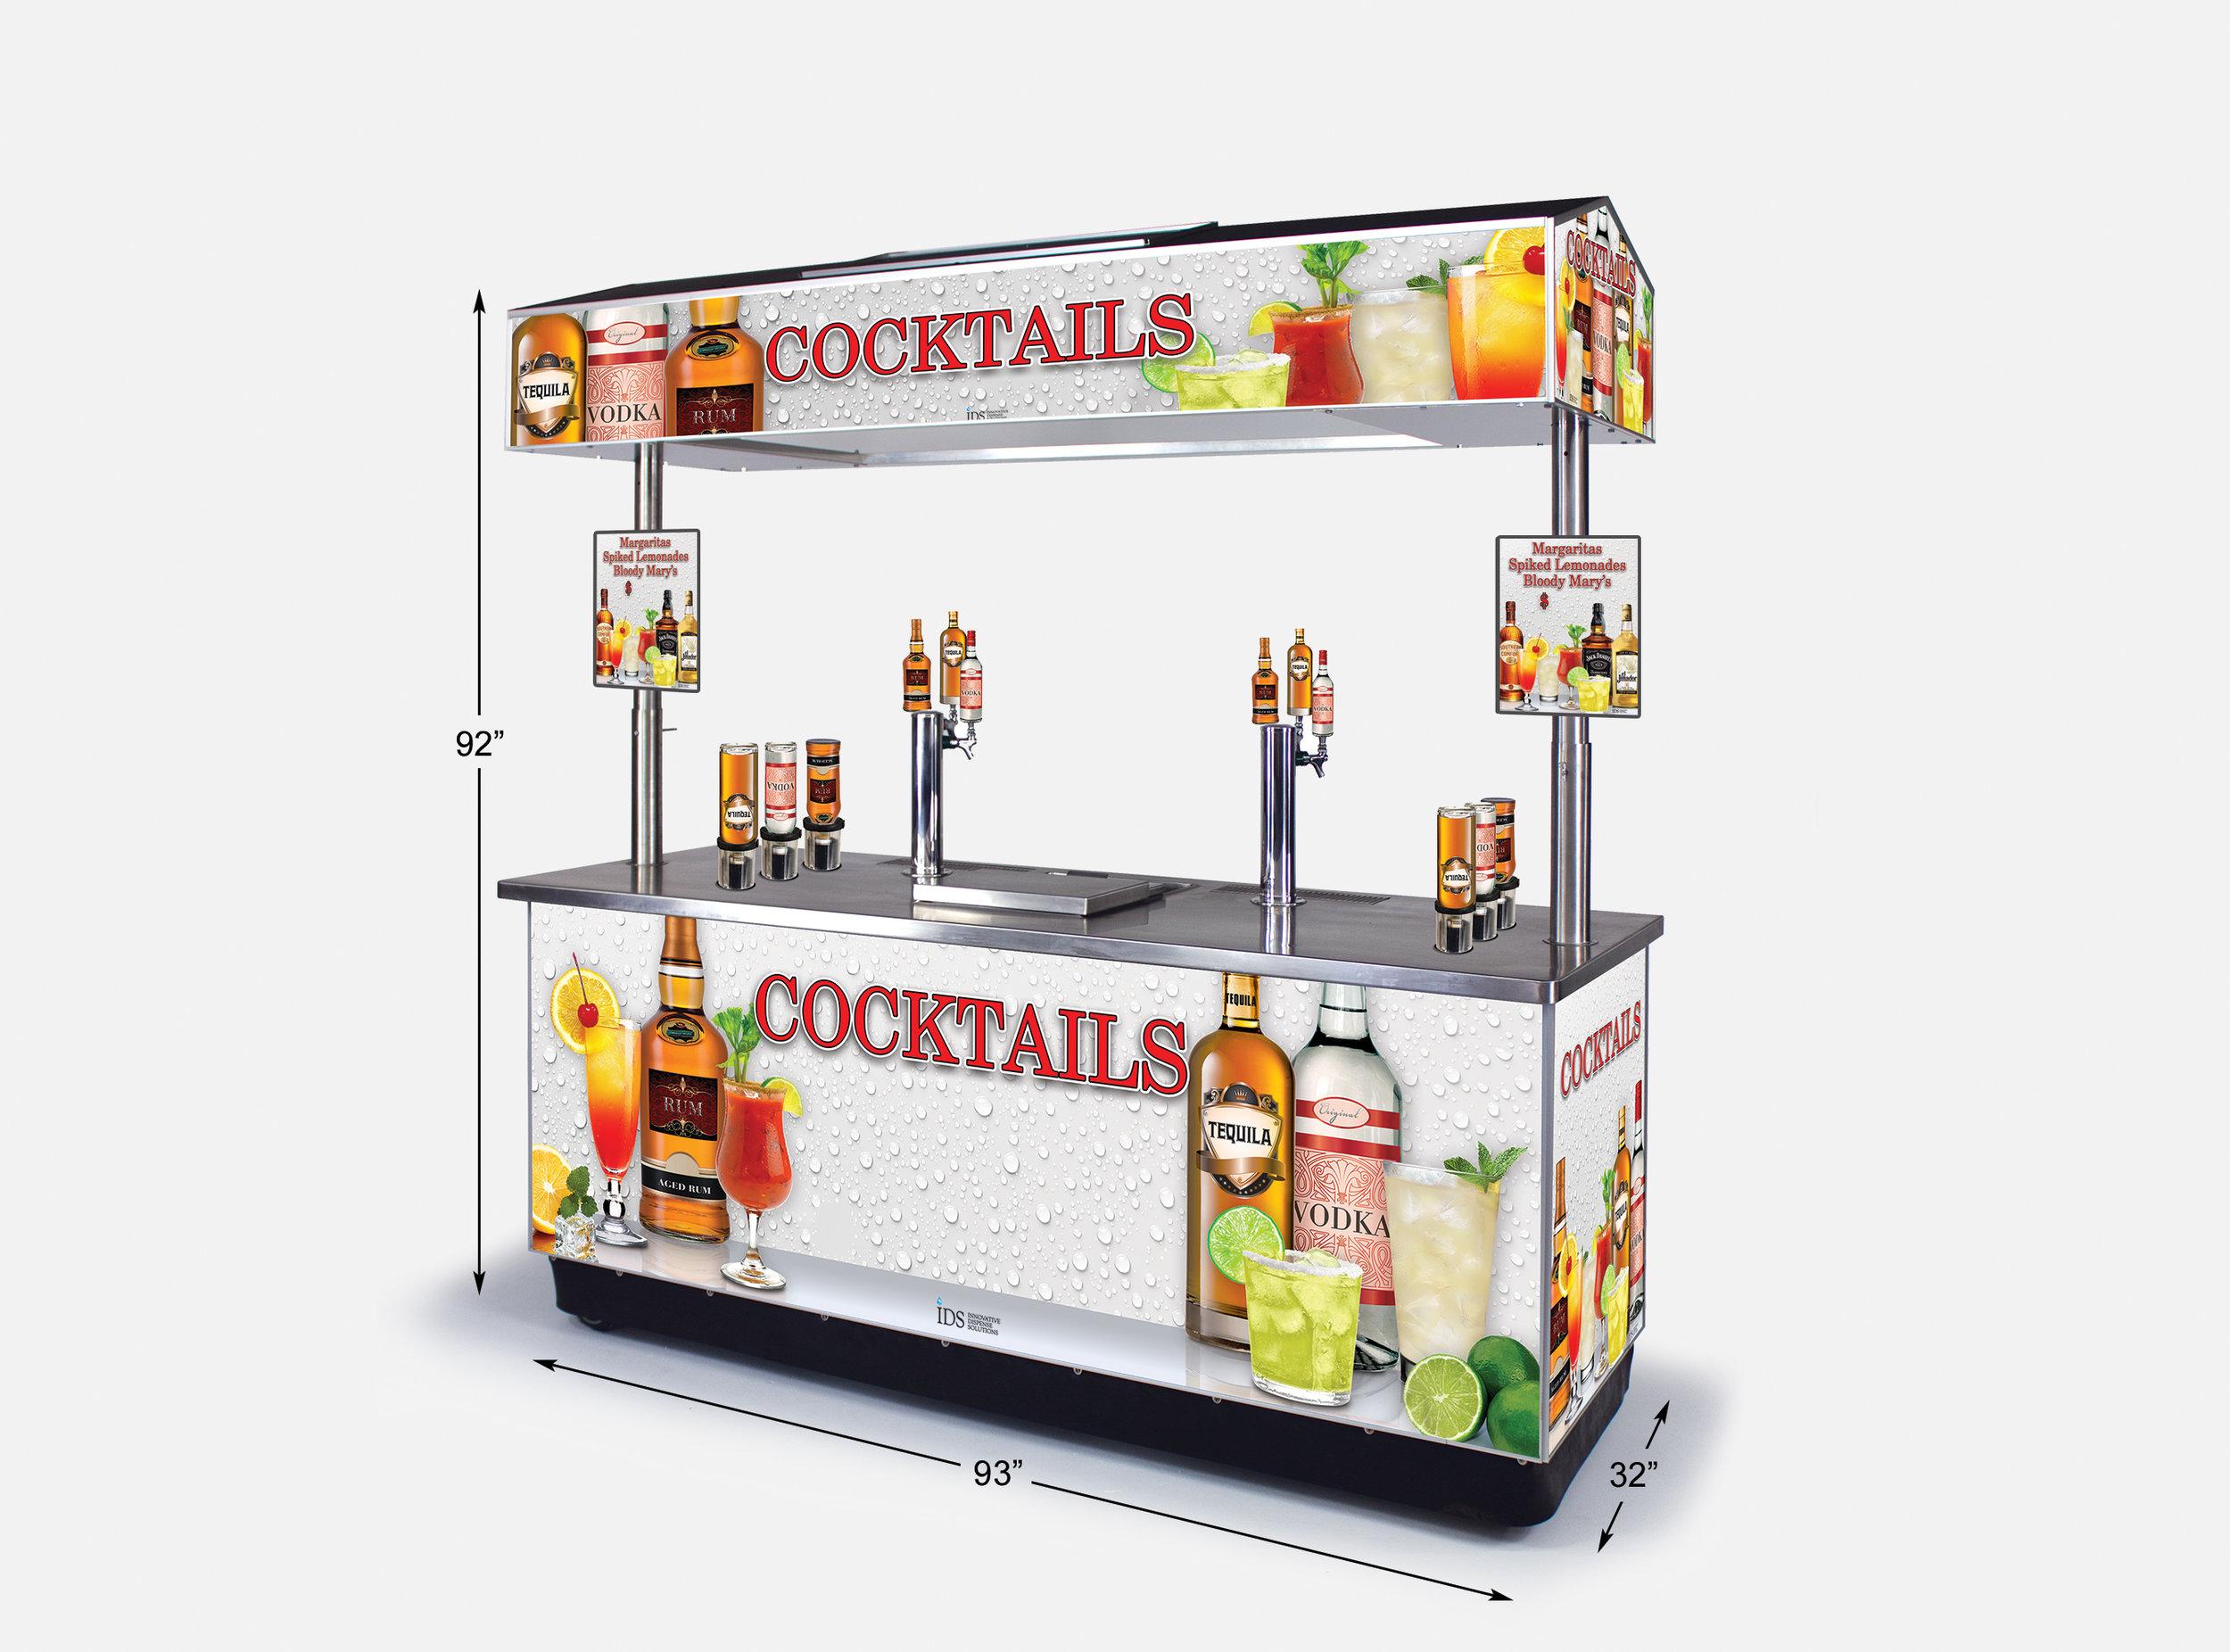 Premium-Bar-collateral-#2--corr-layers-DM.jpg